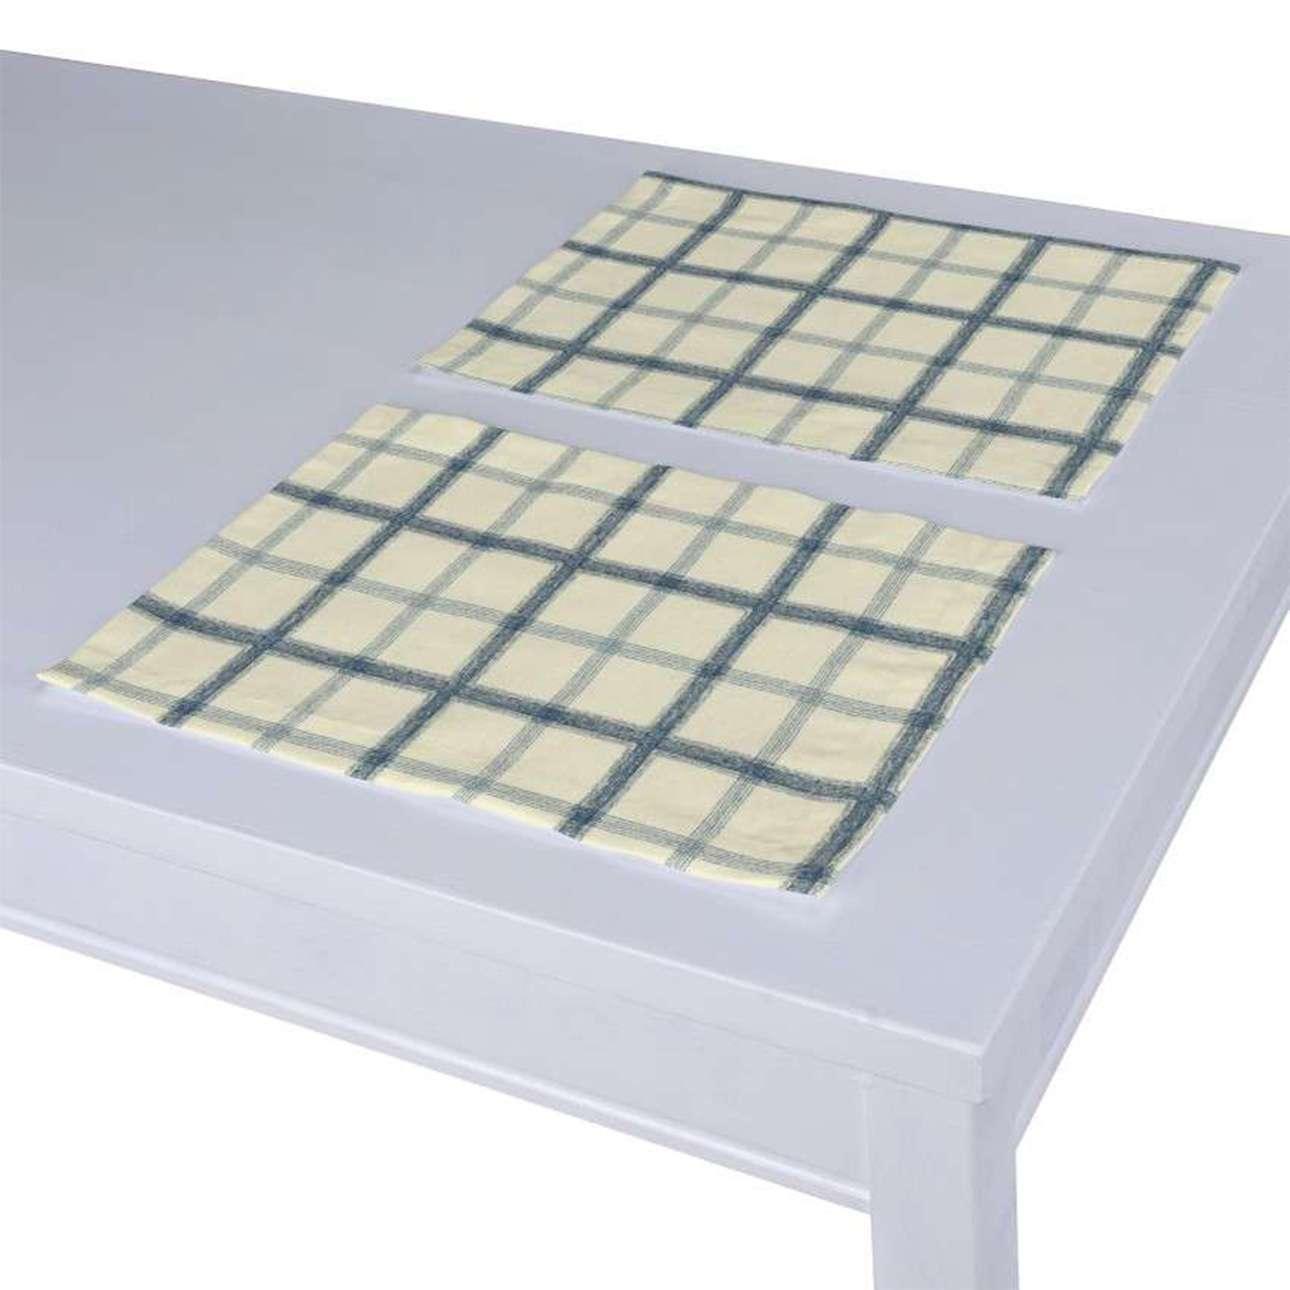 Tischset 2 Stck. 30 x 40 cm von der Kollektion Avinon, Stoff: 129-66